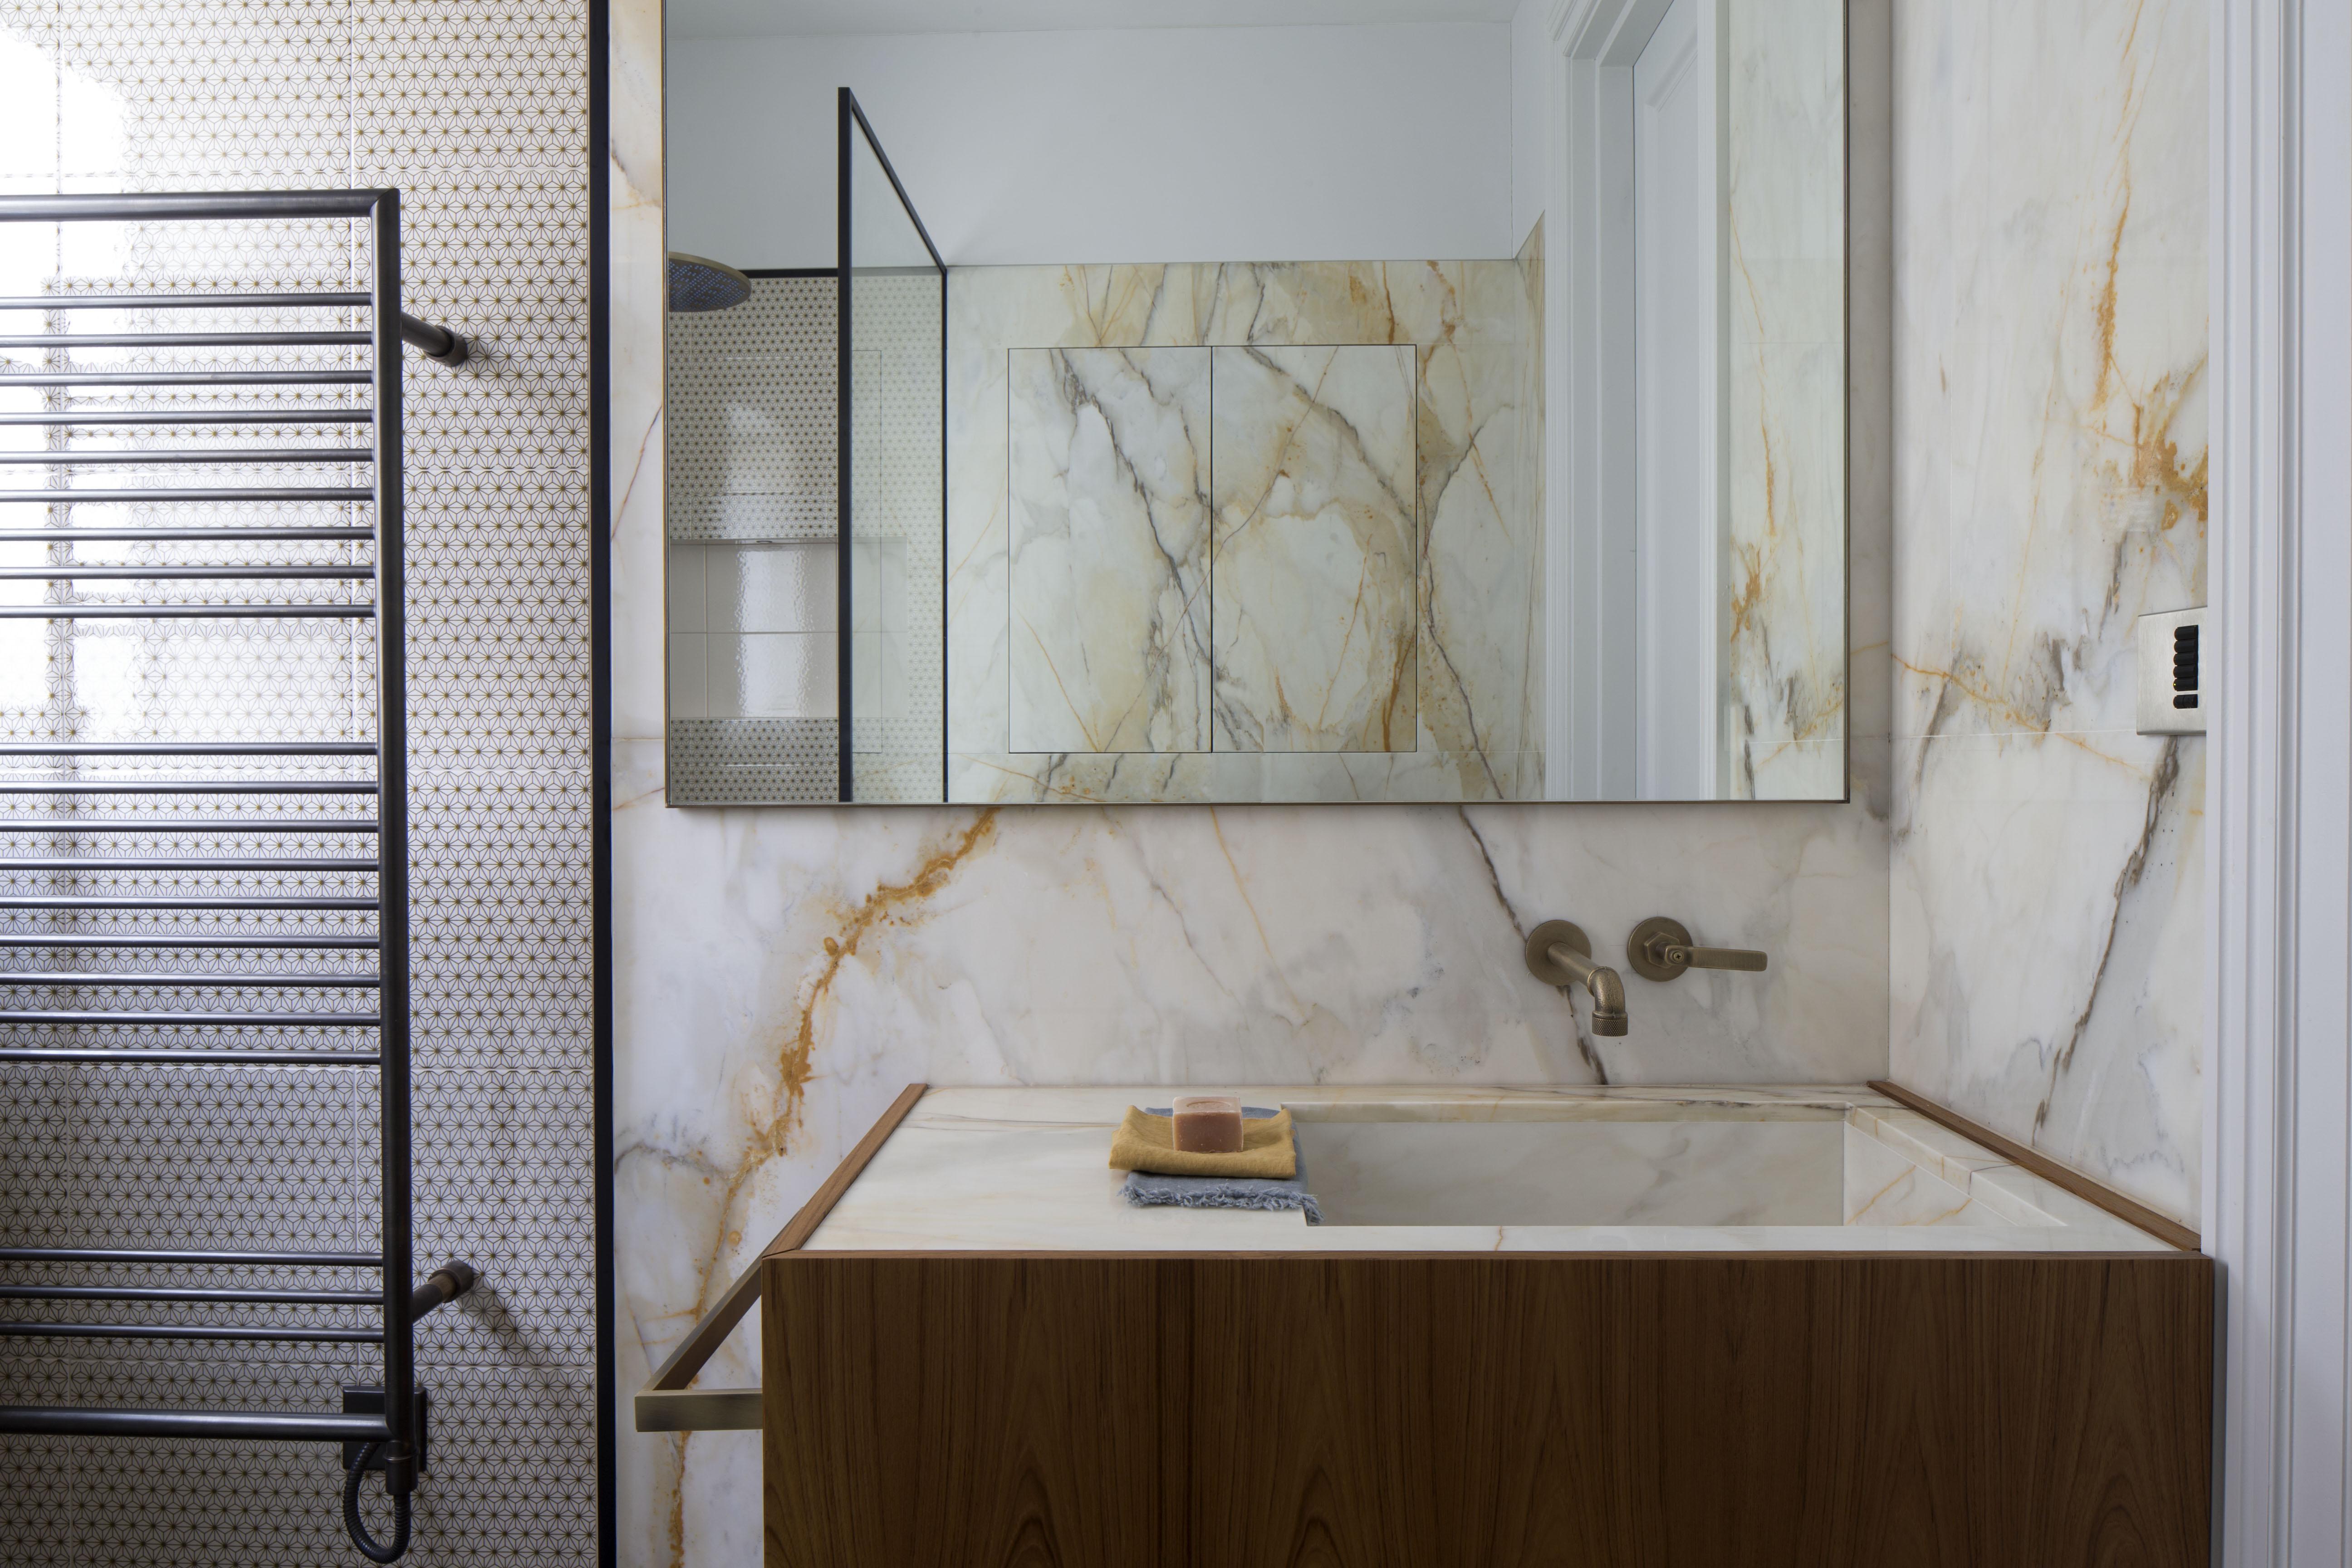 marble and teak bathroom vanity